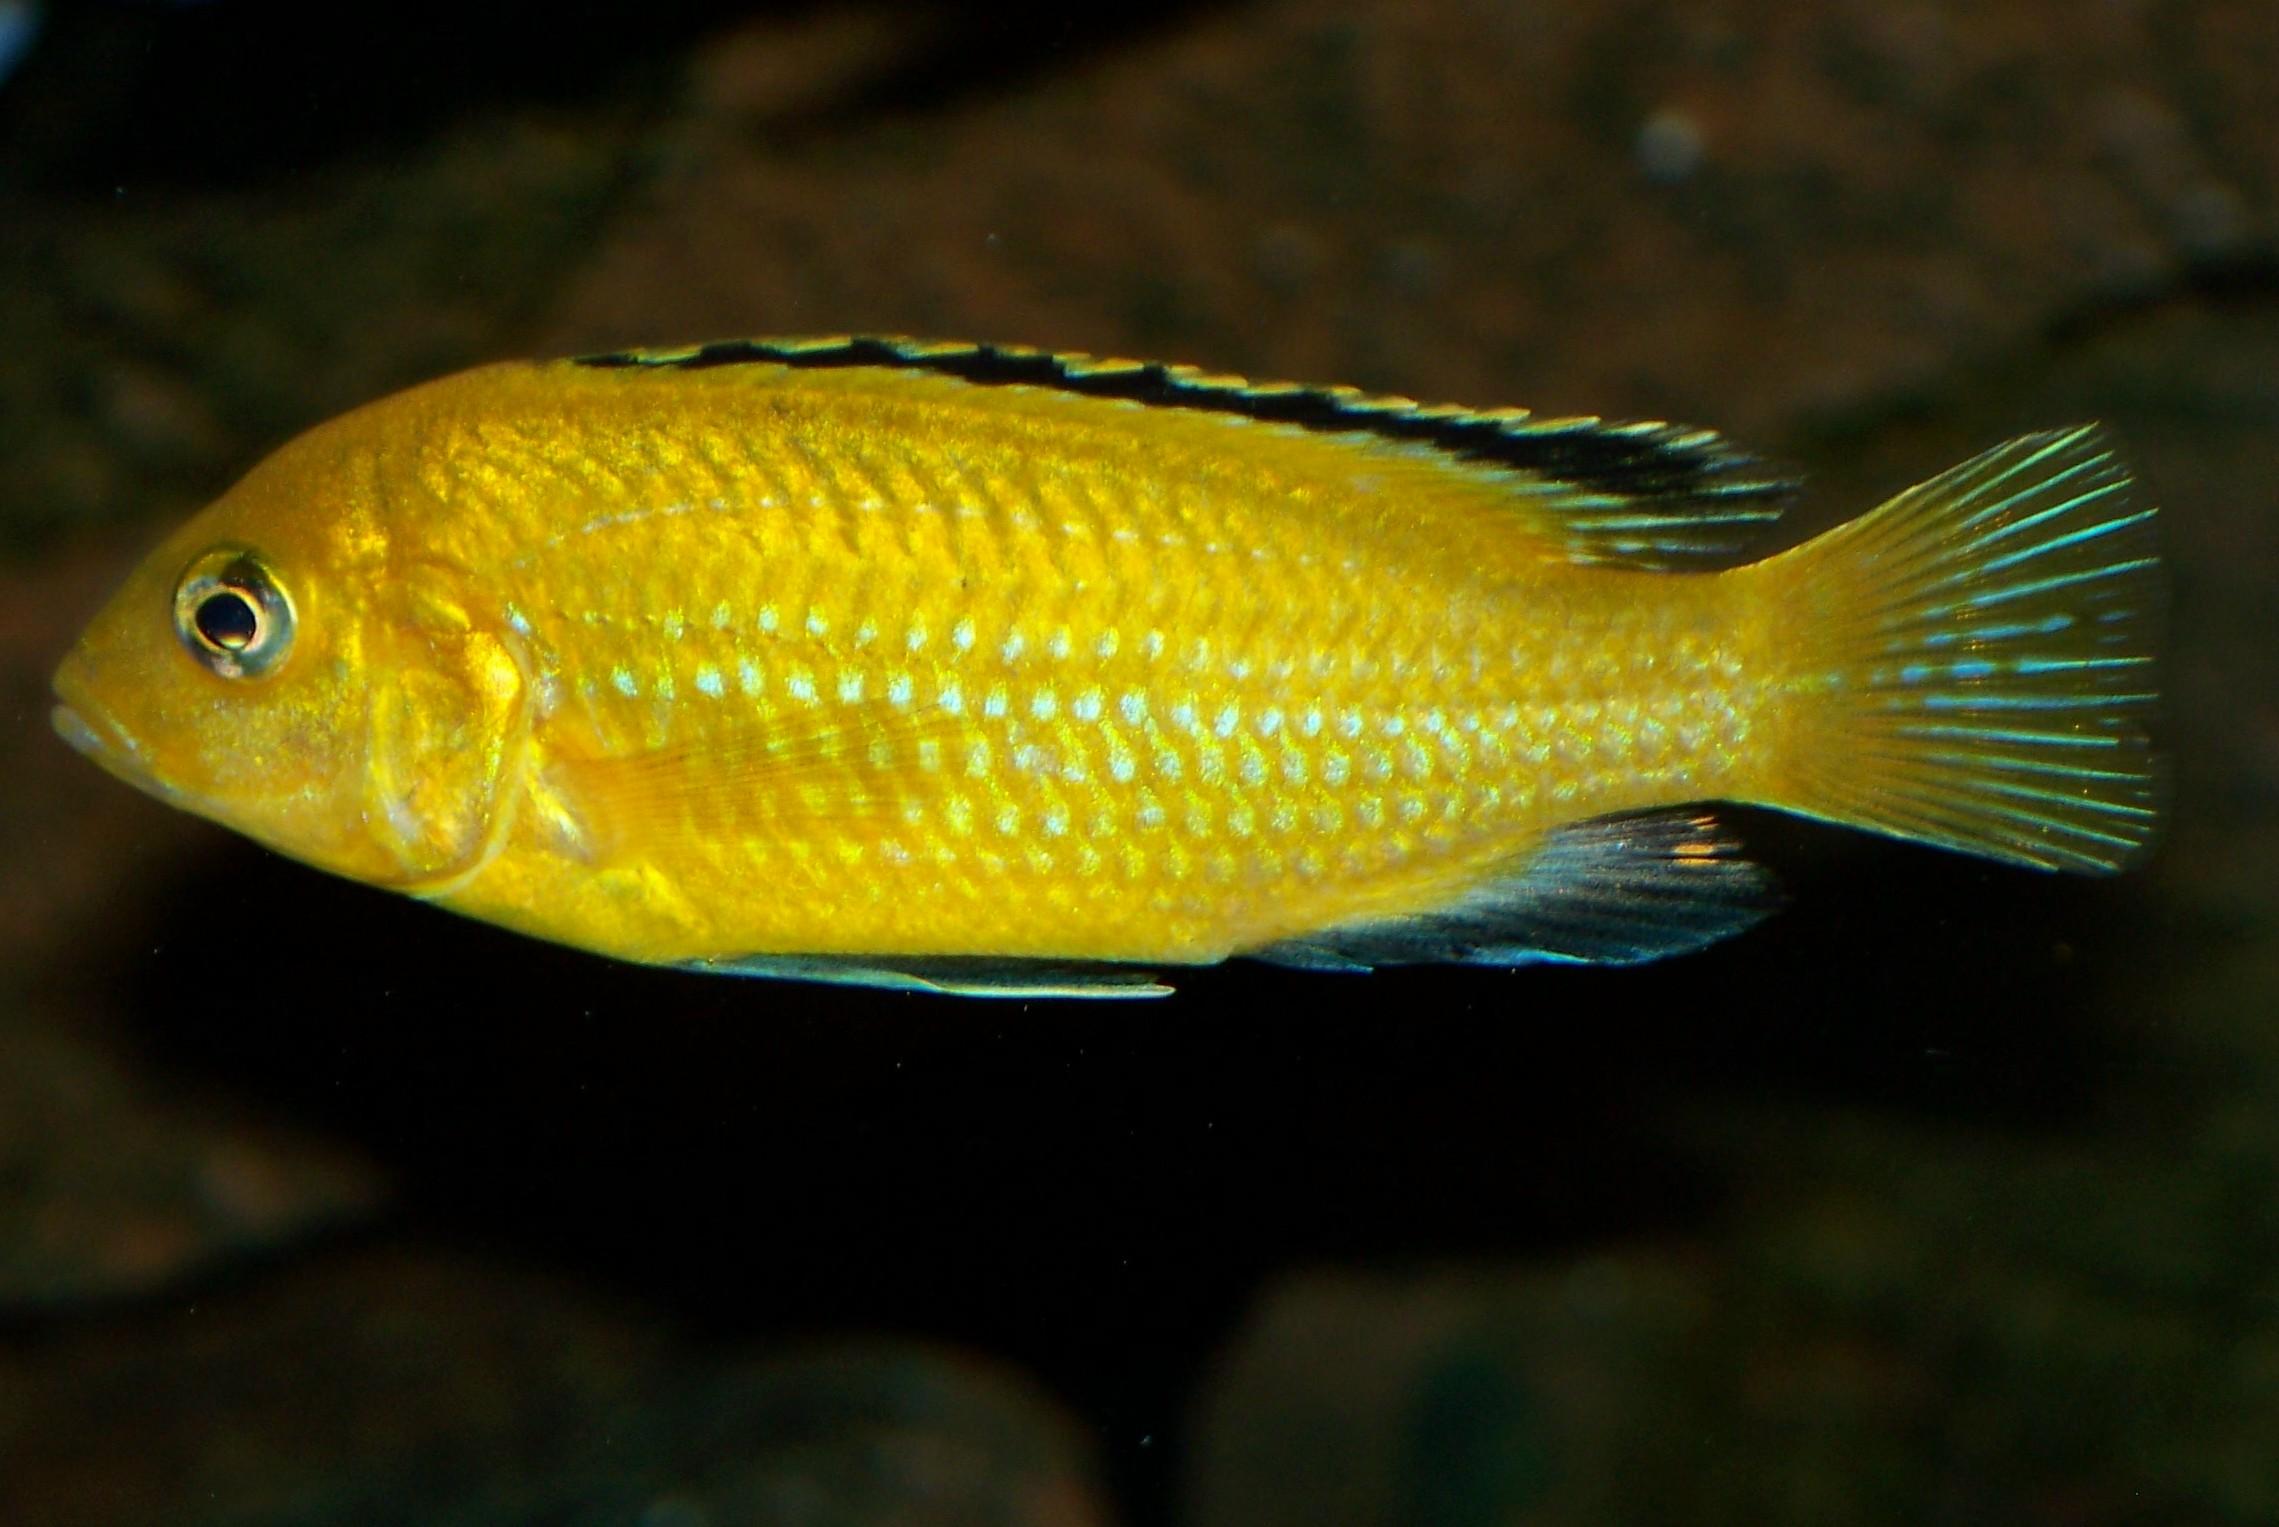 cichlids.com: F1 Labidochromis caeruleus Lions Cove Male  cichlids.com: F...